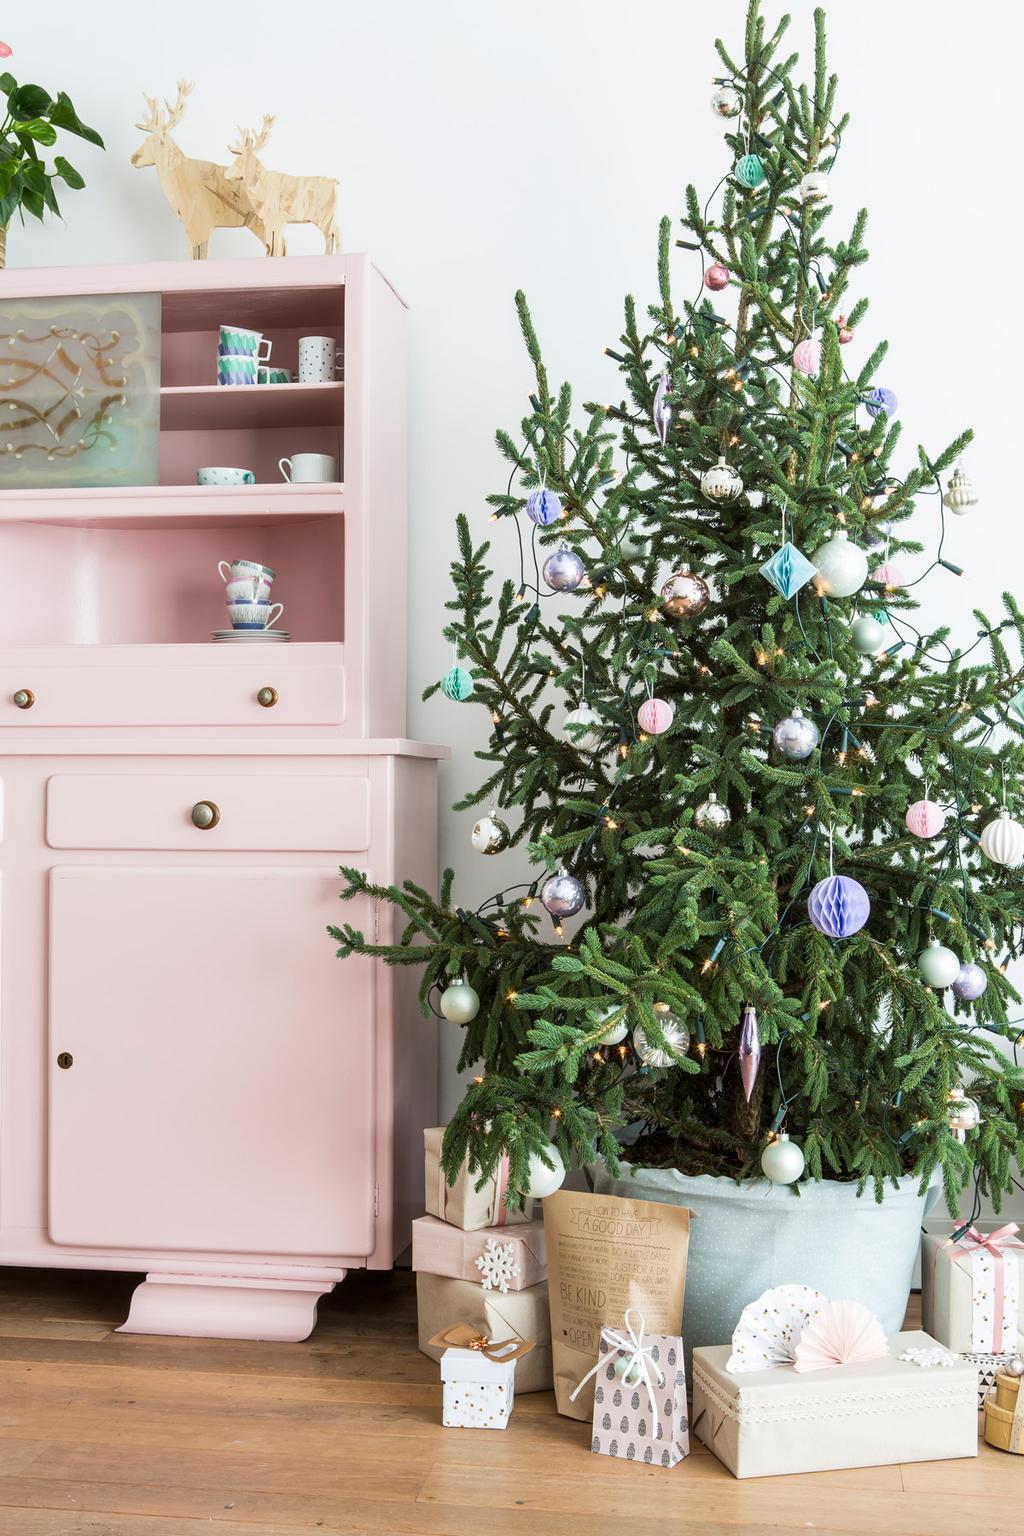 Jij bent het kleurrijke kersttype - Kerstquiz - vtwonen